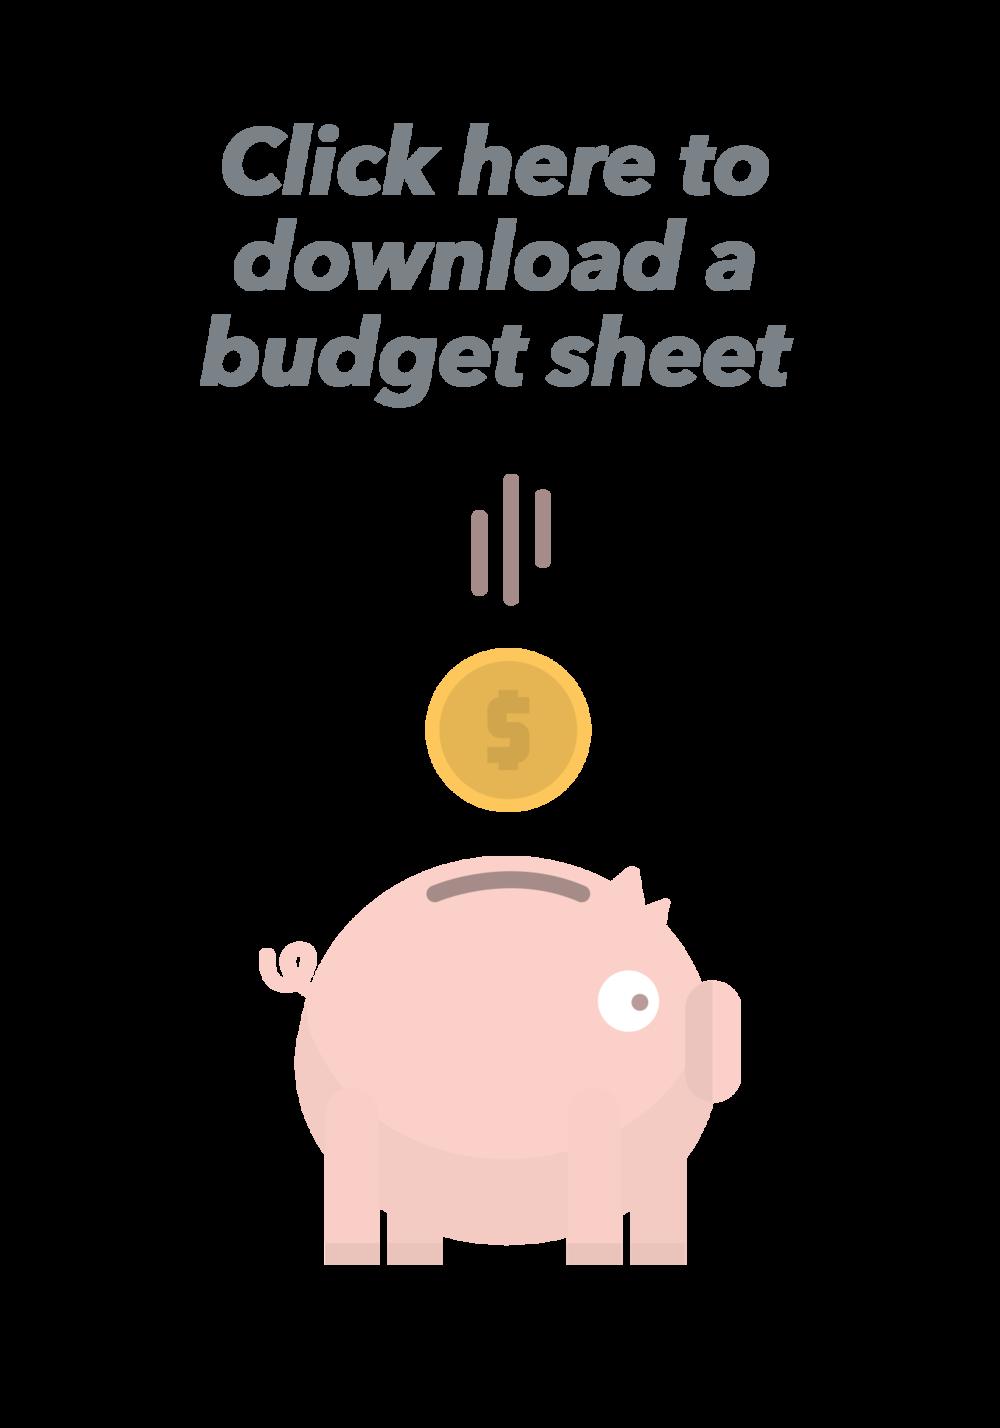 Budgetsheet.png